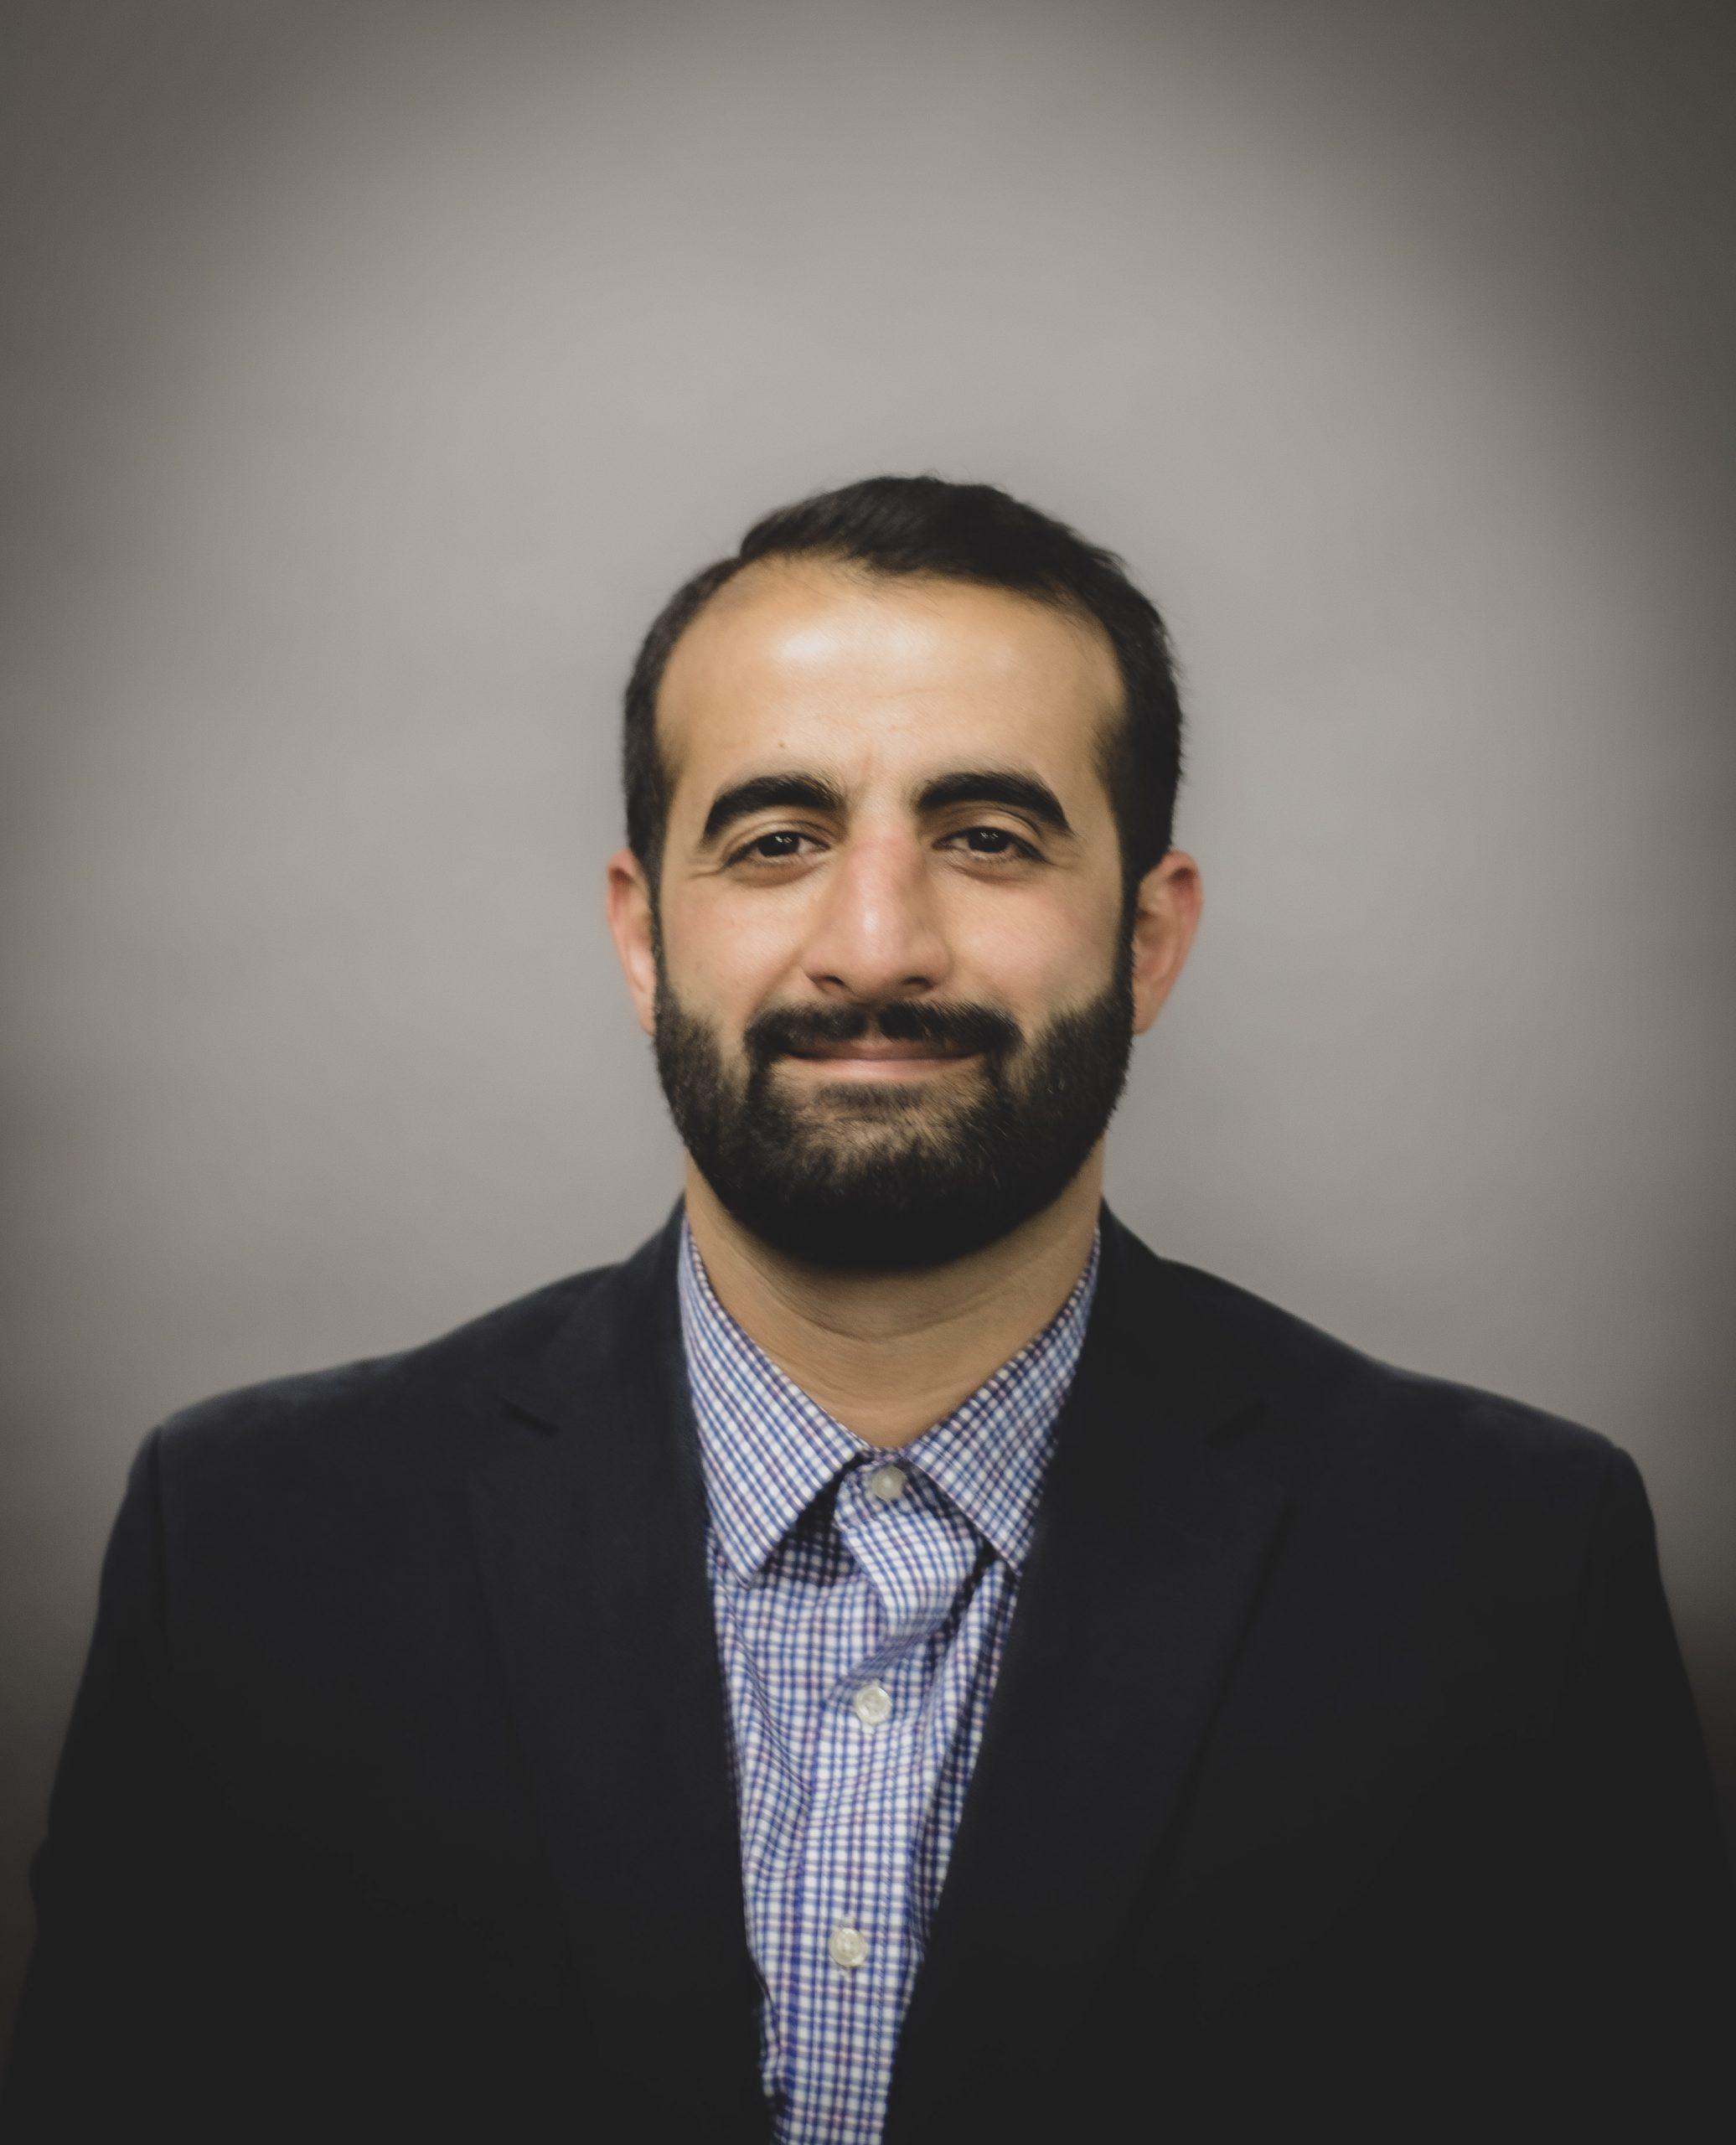 Br Mahdi Falahati